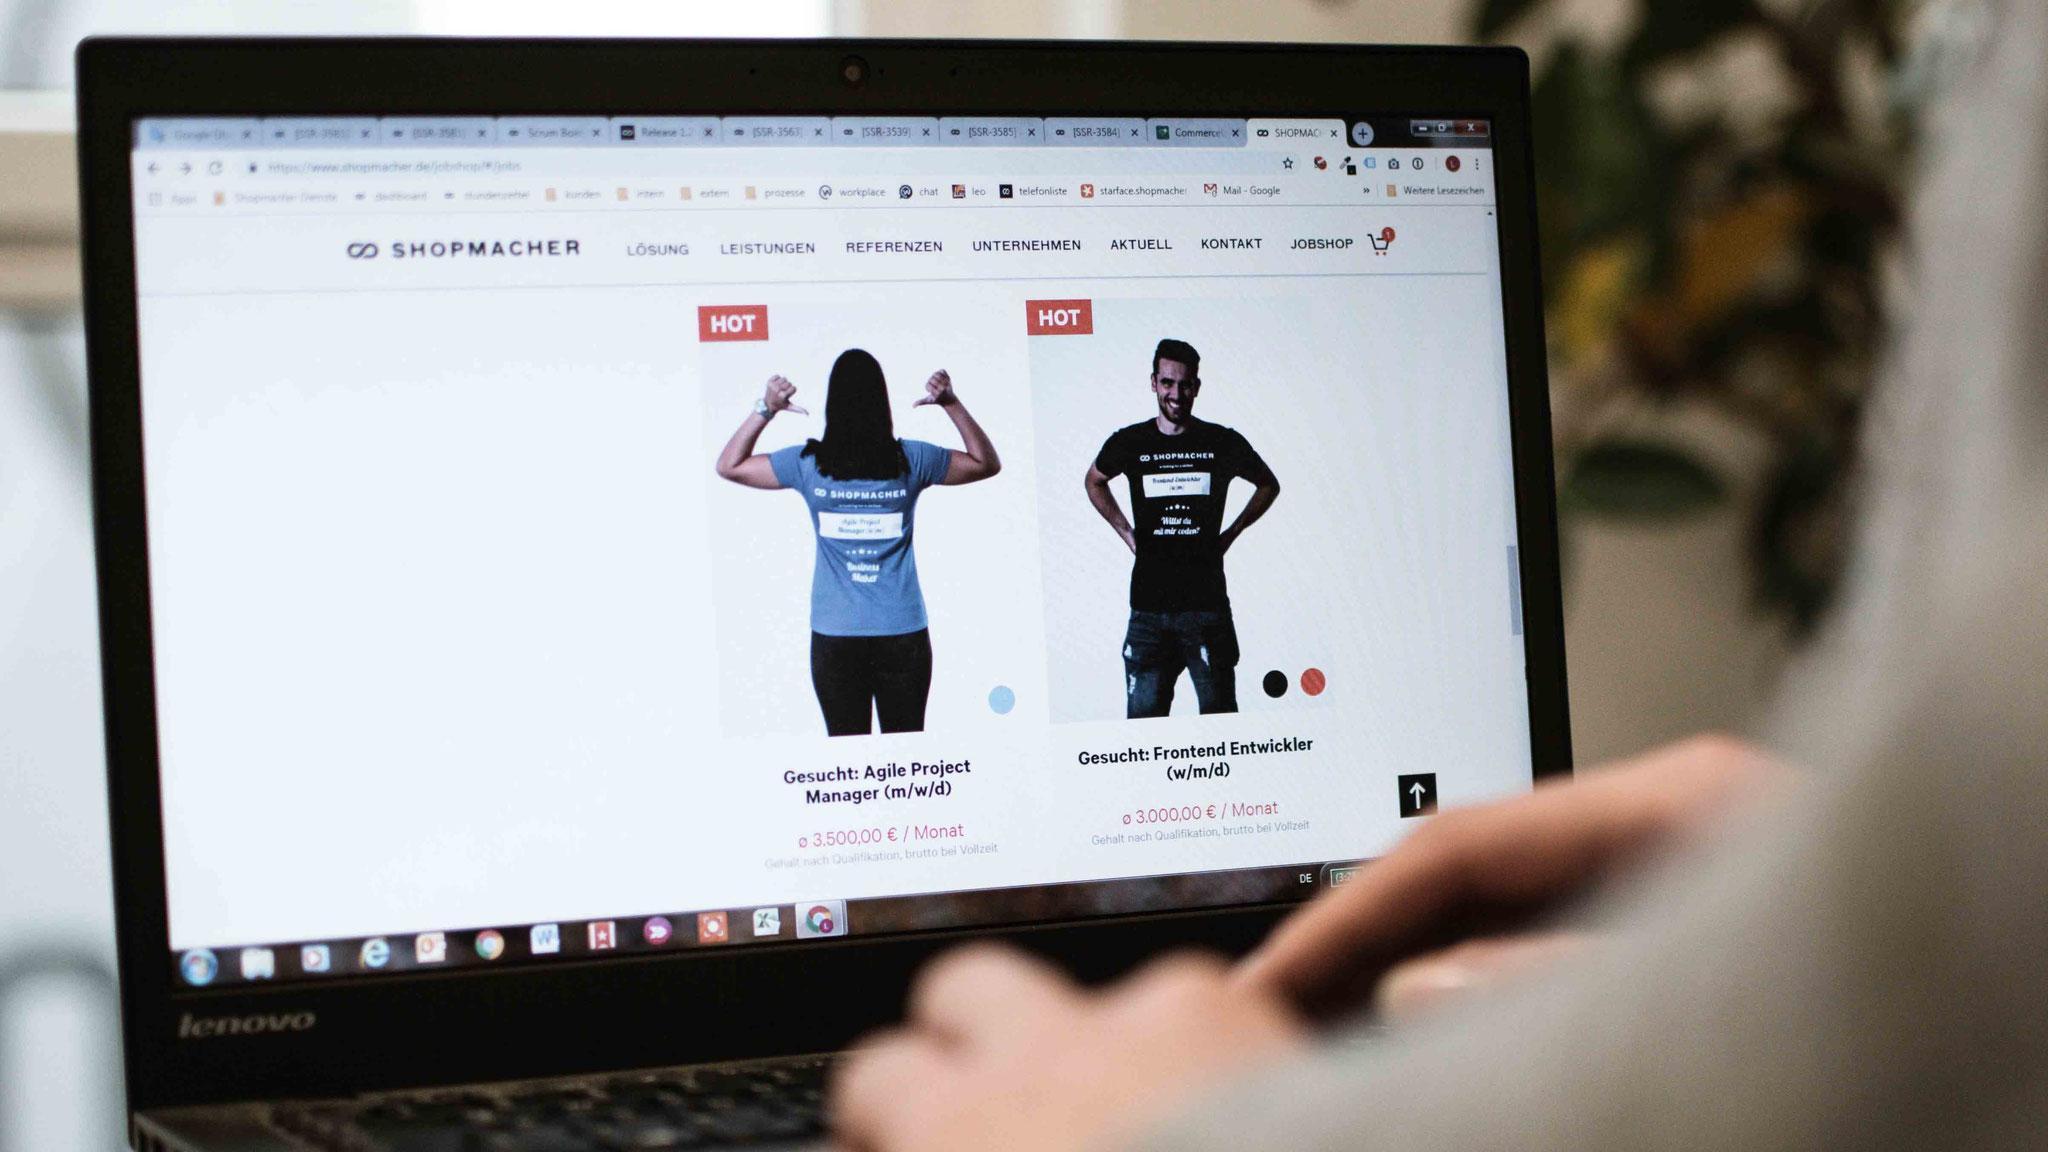 Kaufe kein T-Shirt, sondern einen Job: Die innovative Fachkräftesuche von SHOPMACHER ist erfolgreich